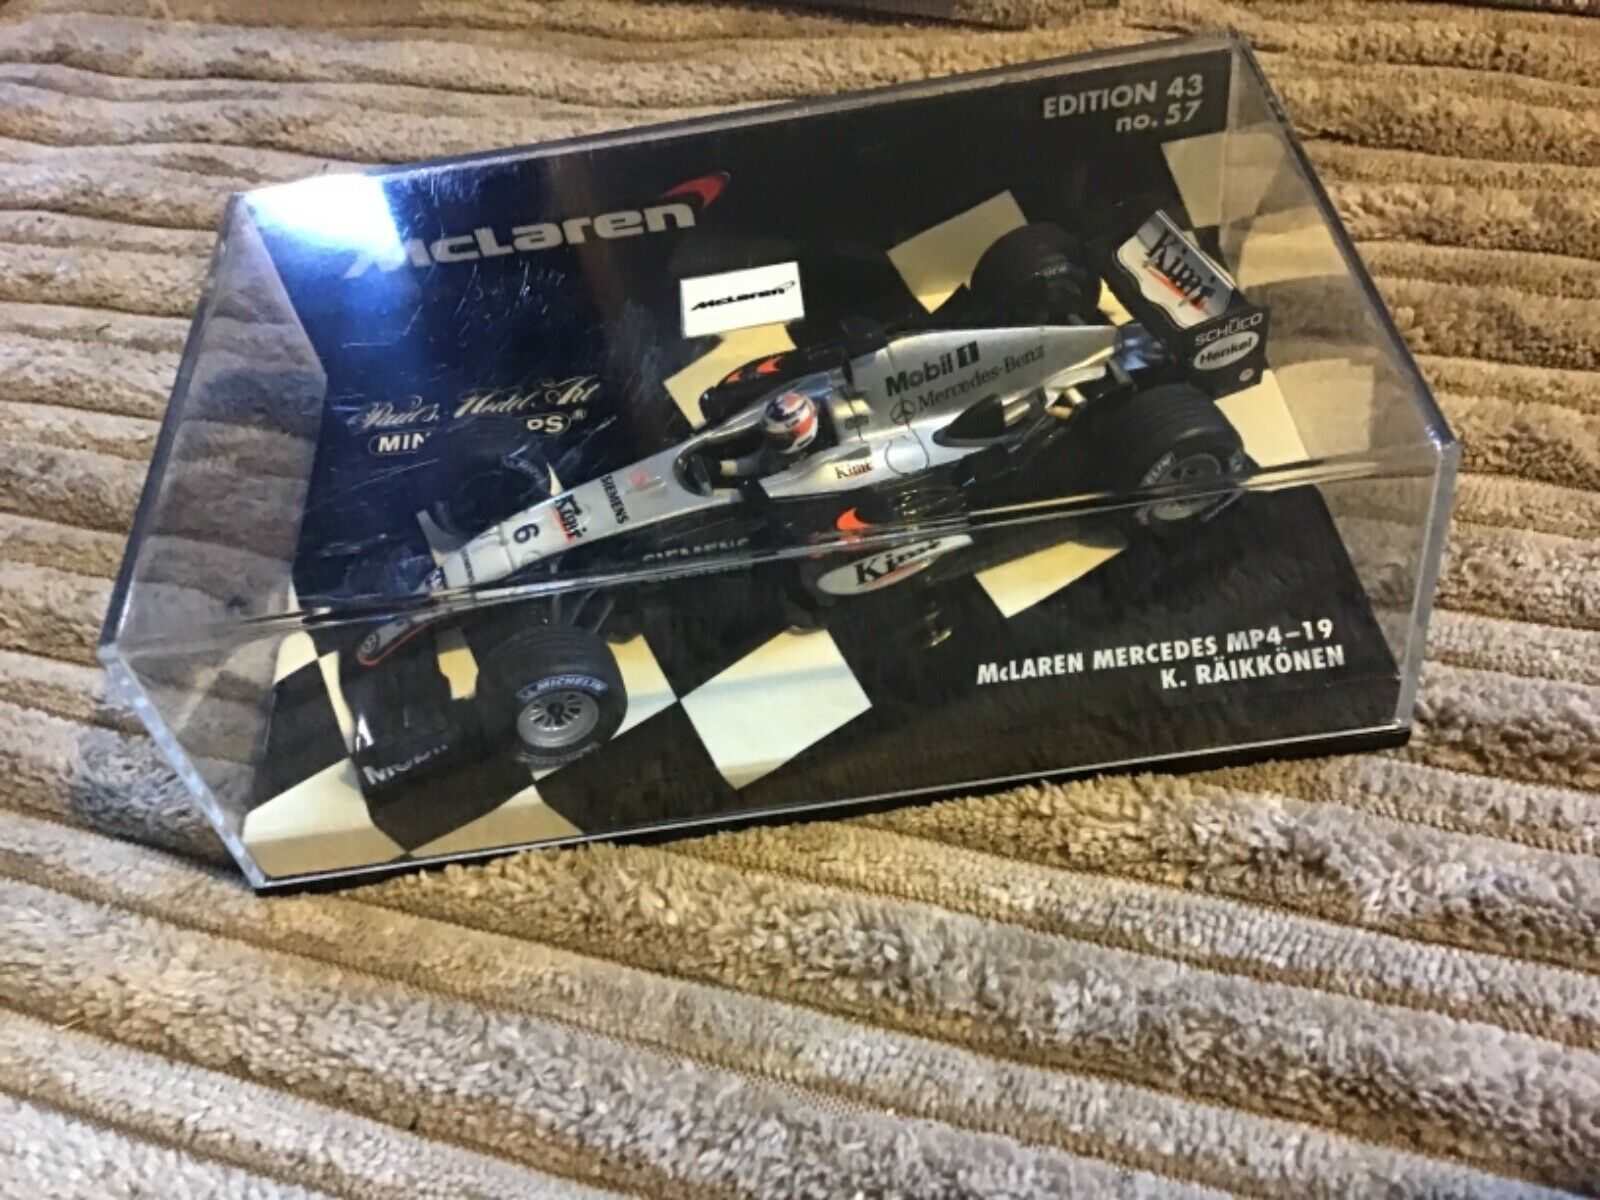 MINICHAMPS F1 1 43 McLaren MP4-19 Mercedes - K. RAIKKONEN EDITION 43 No 57